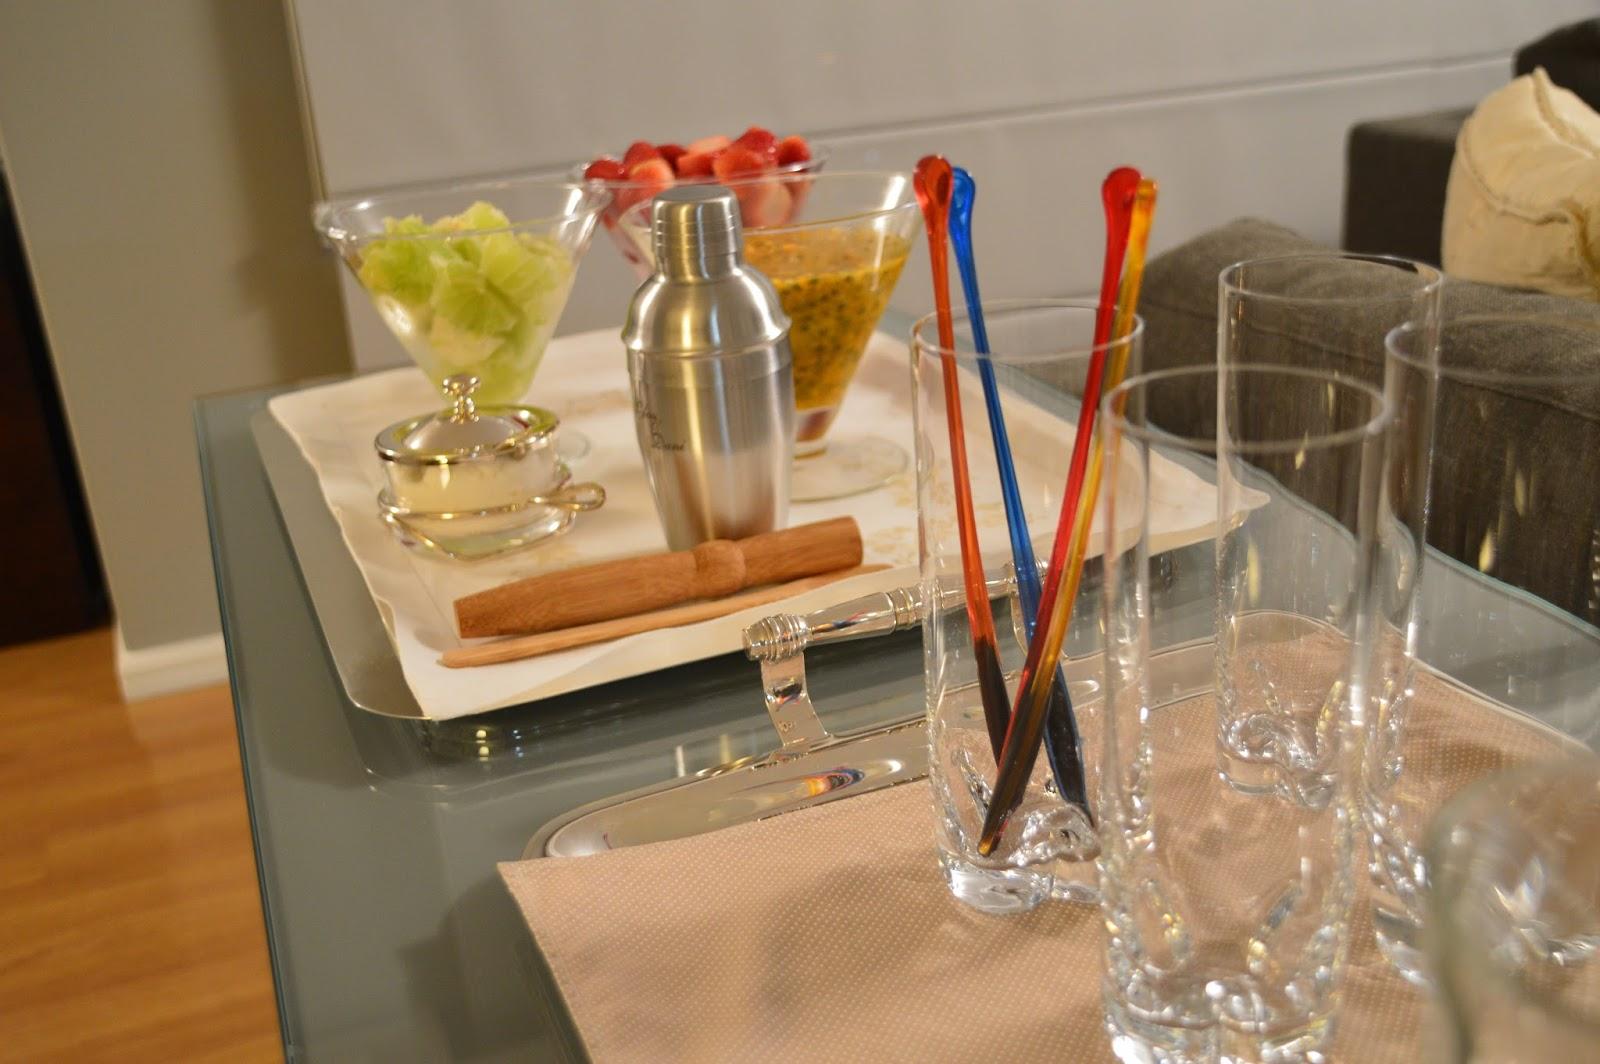 Sobre uma bancada, vários potes em vidro com pedaços de limões cortados, morangos cortados e outro com maracujás e coqueteleira para fazer drinks e vários copos